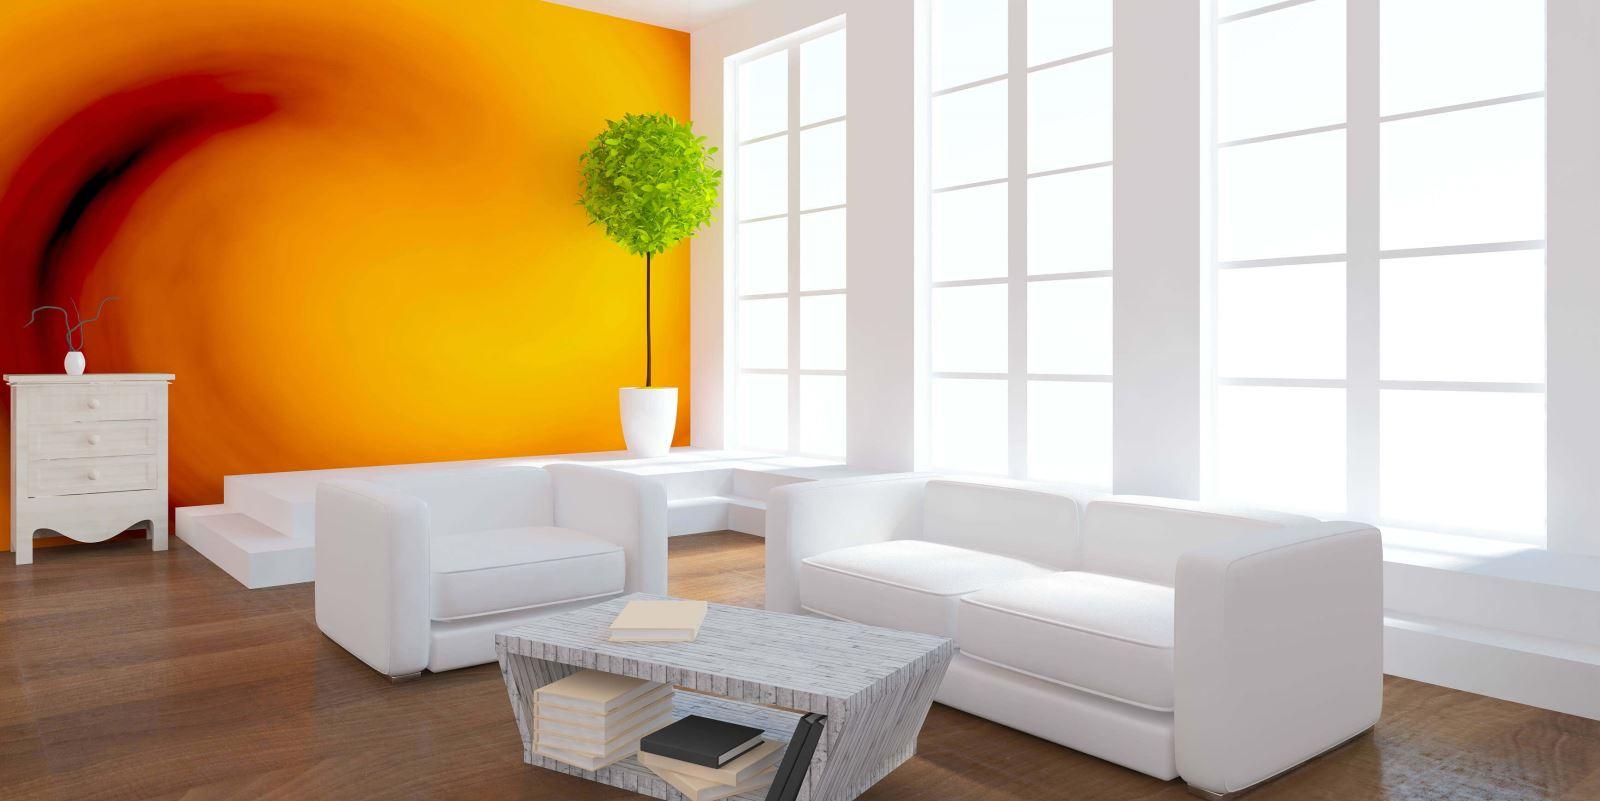 ביטוח מבנה לדירה